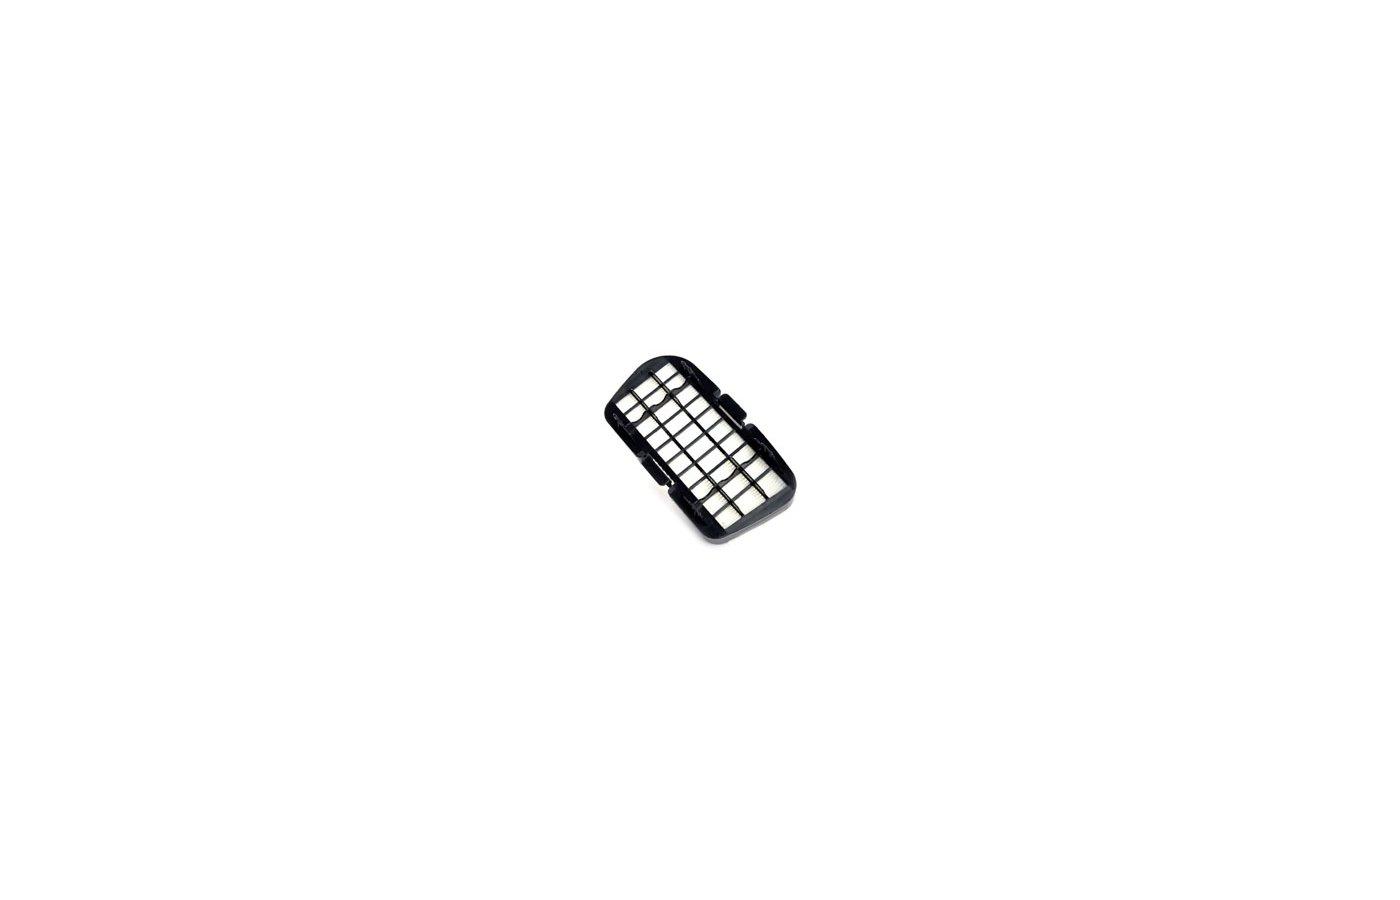 Фильтр для пылесоса BORK Нера-фильтр DC для VC SHfilterB 5818 BK